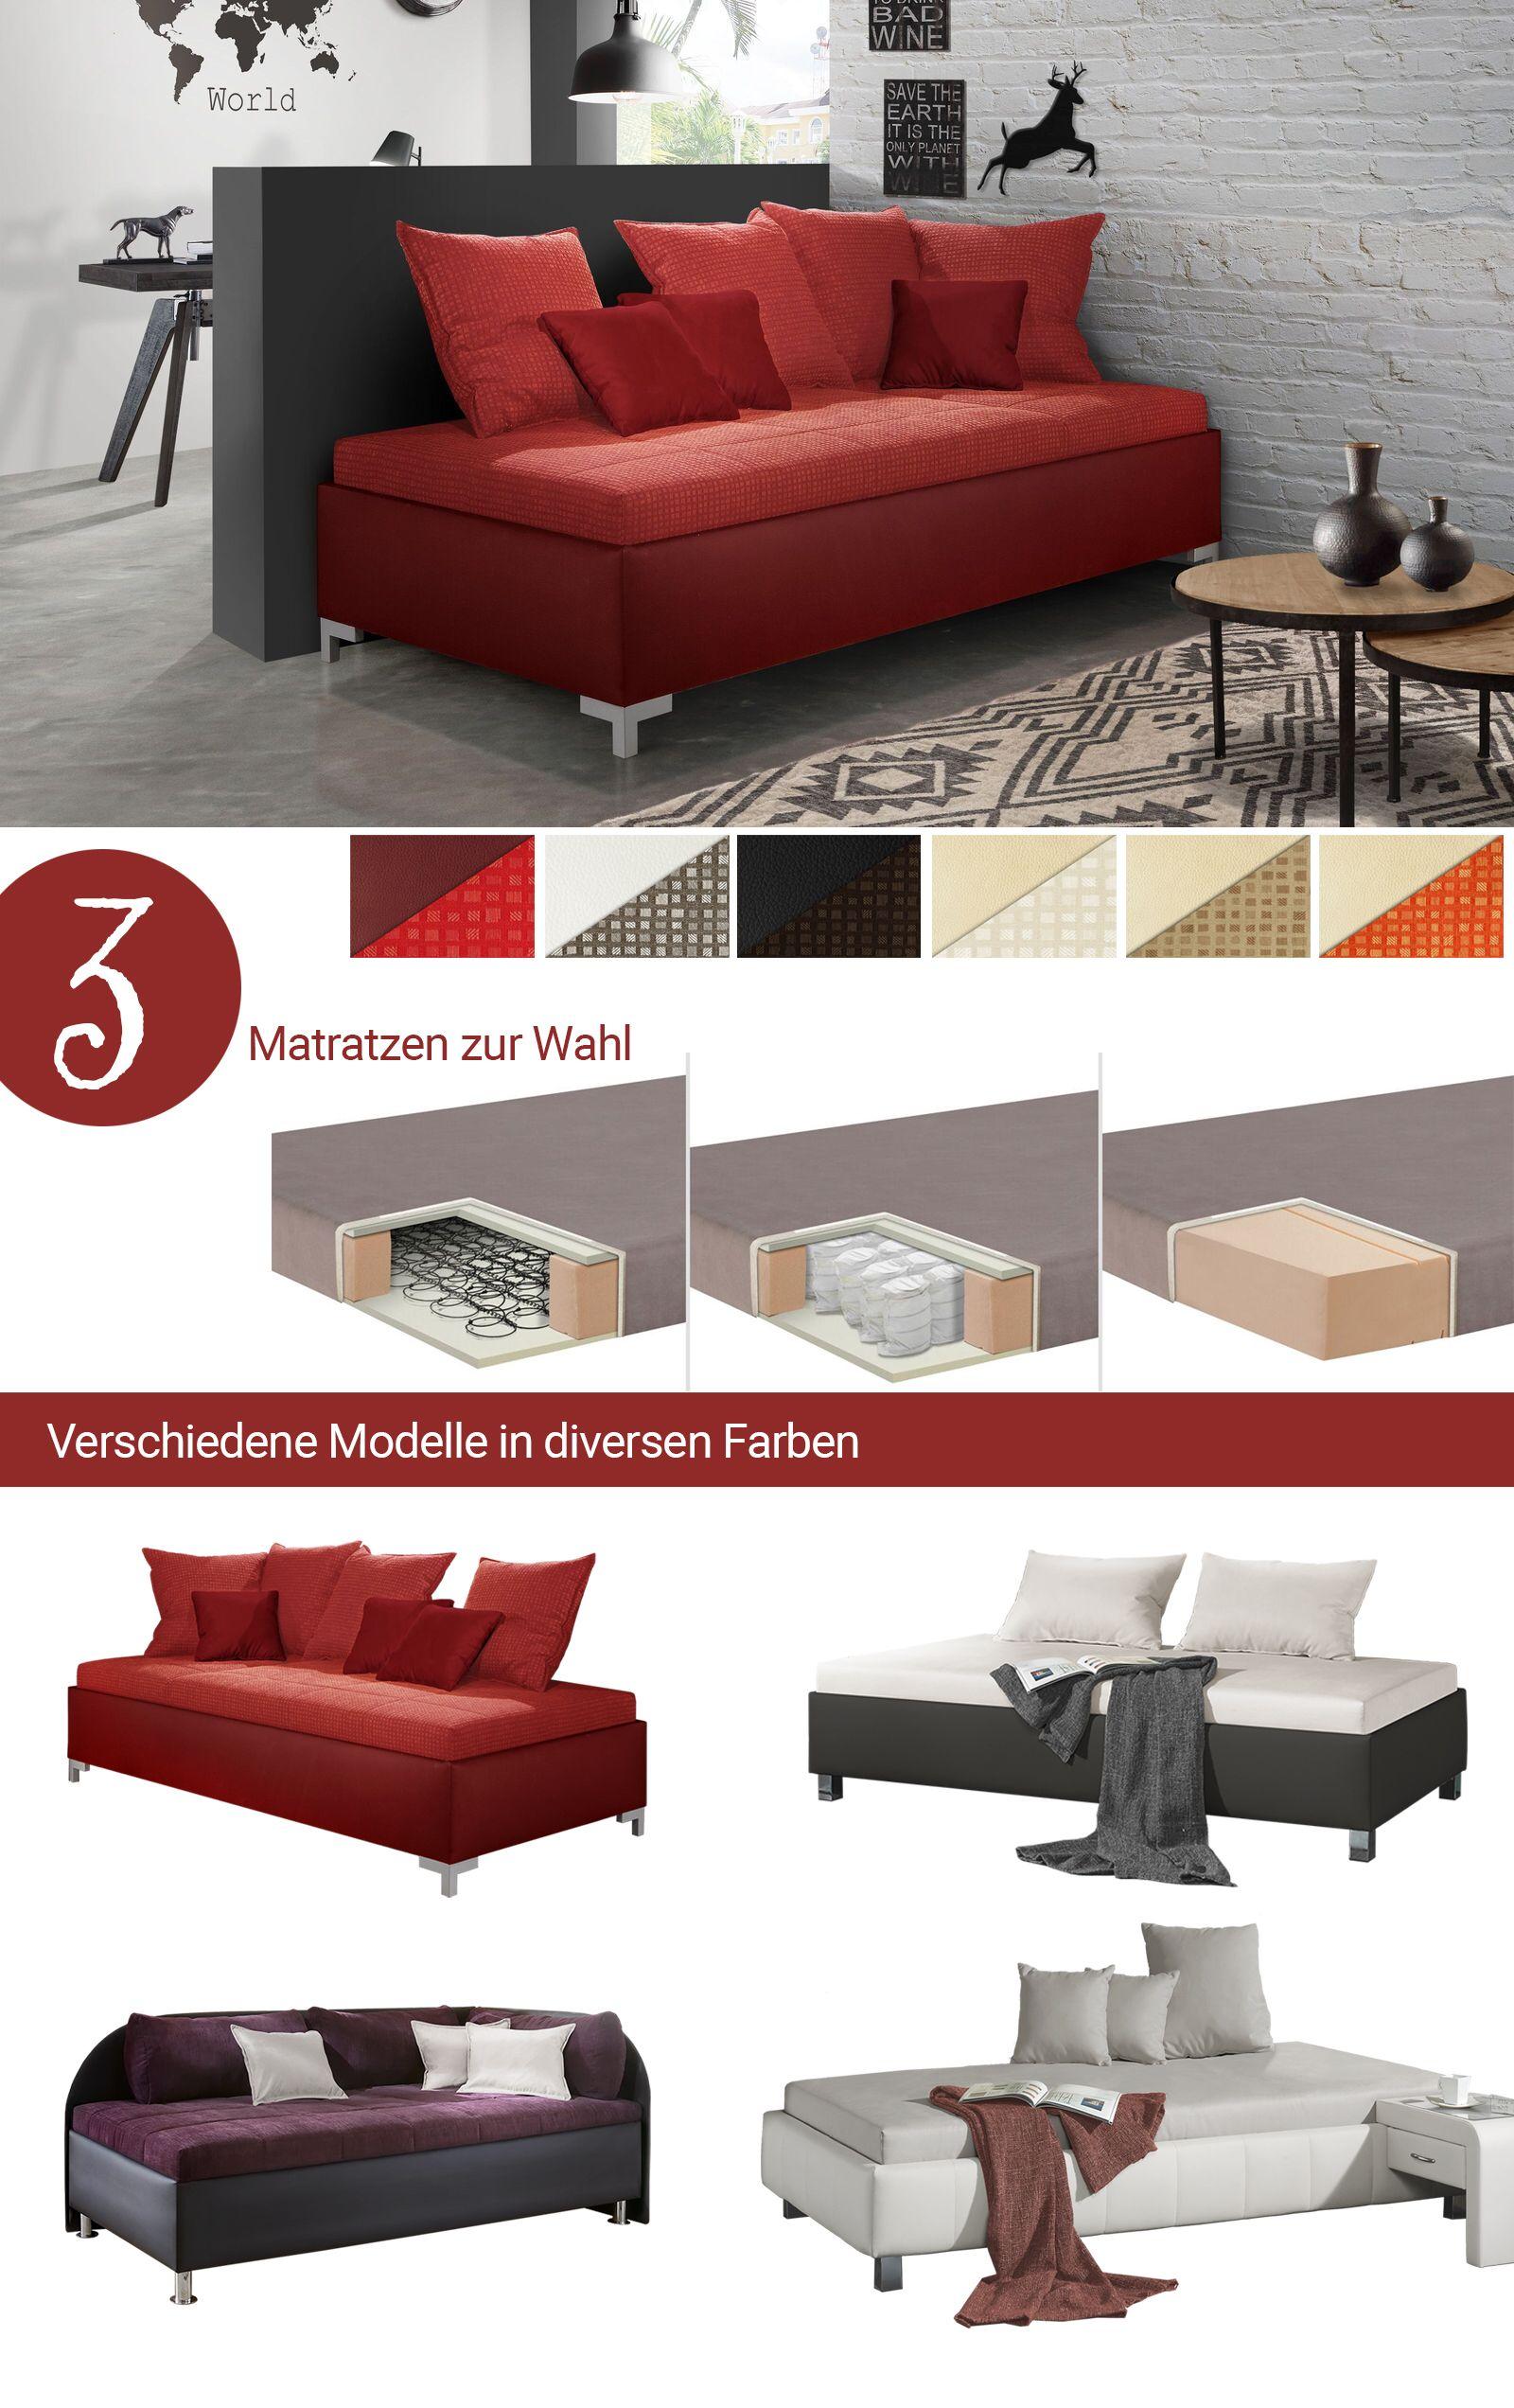 Relaxliege Modern Mit Bettkasten Frei Im Raum Platzierbar Anteo Sofa Design Relaxliege Möbel Zum Selbermachen